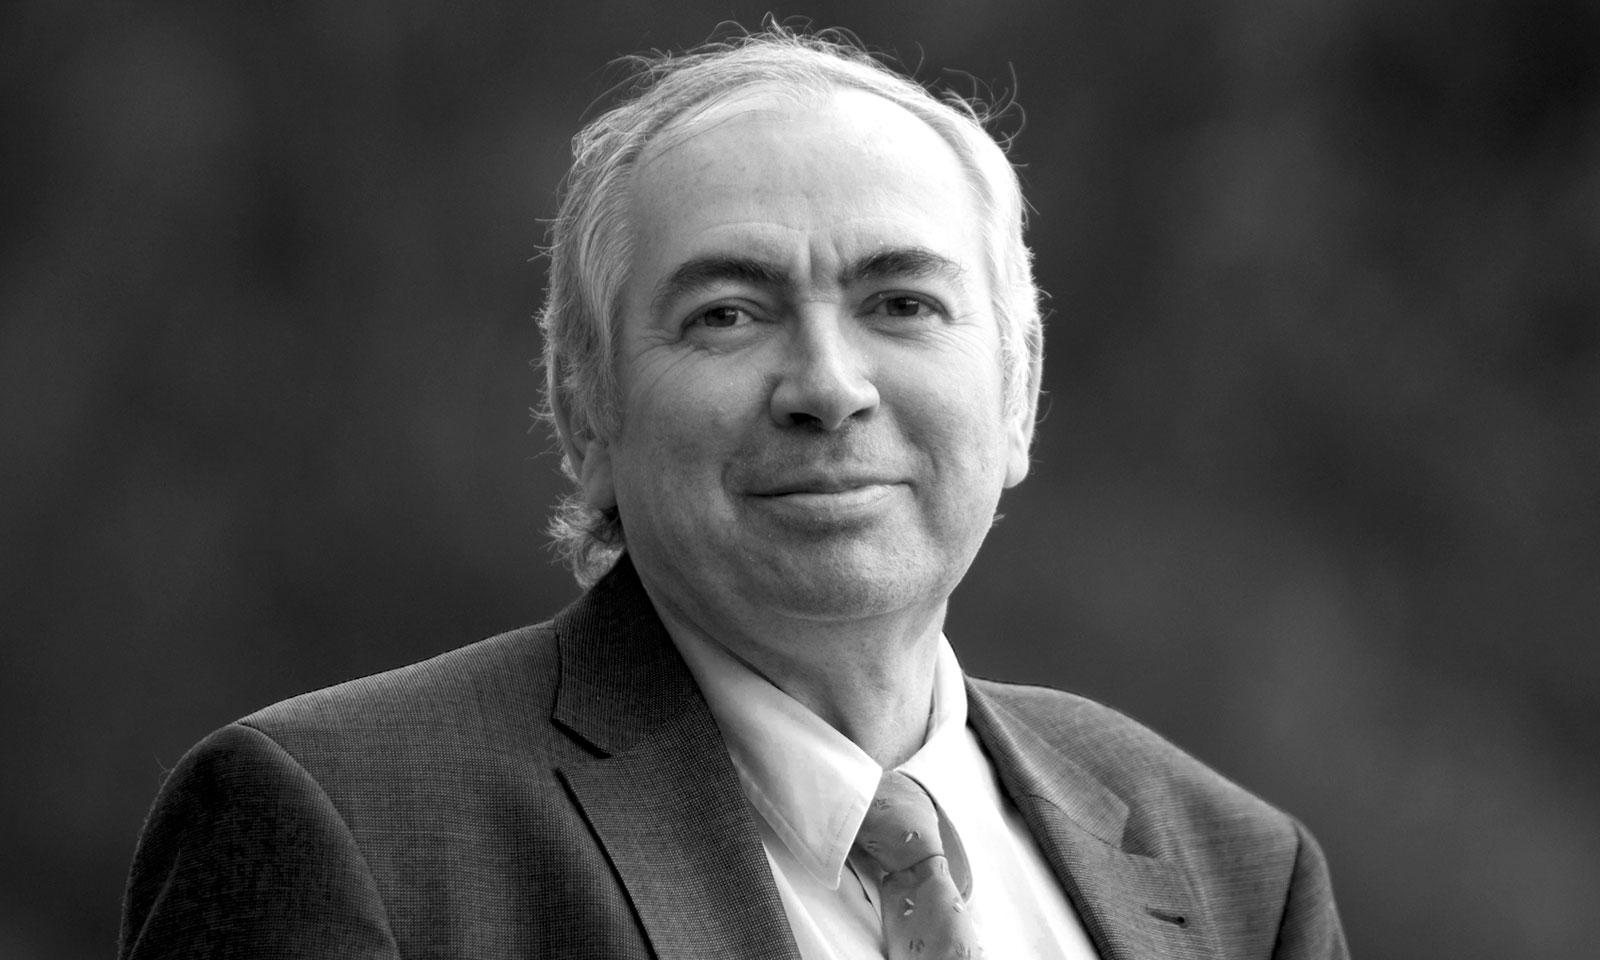 Herbert Lechner